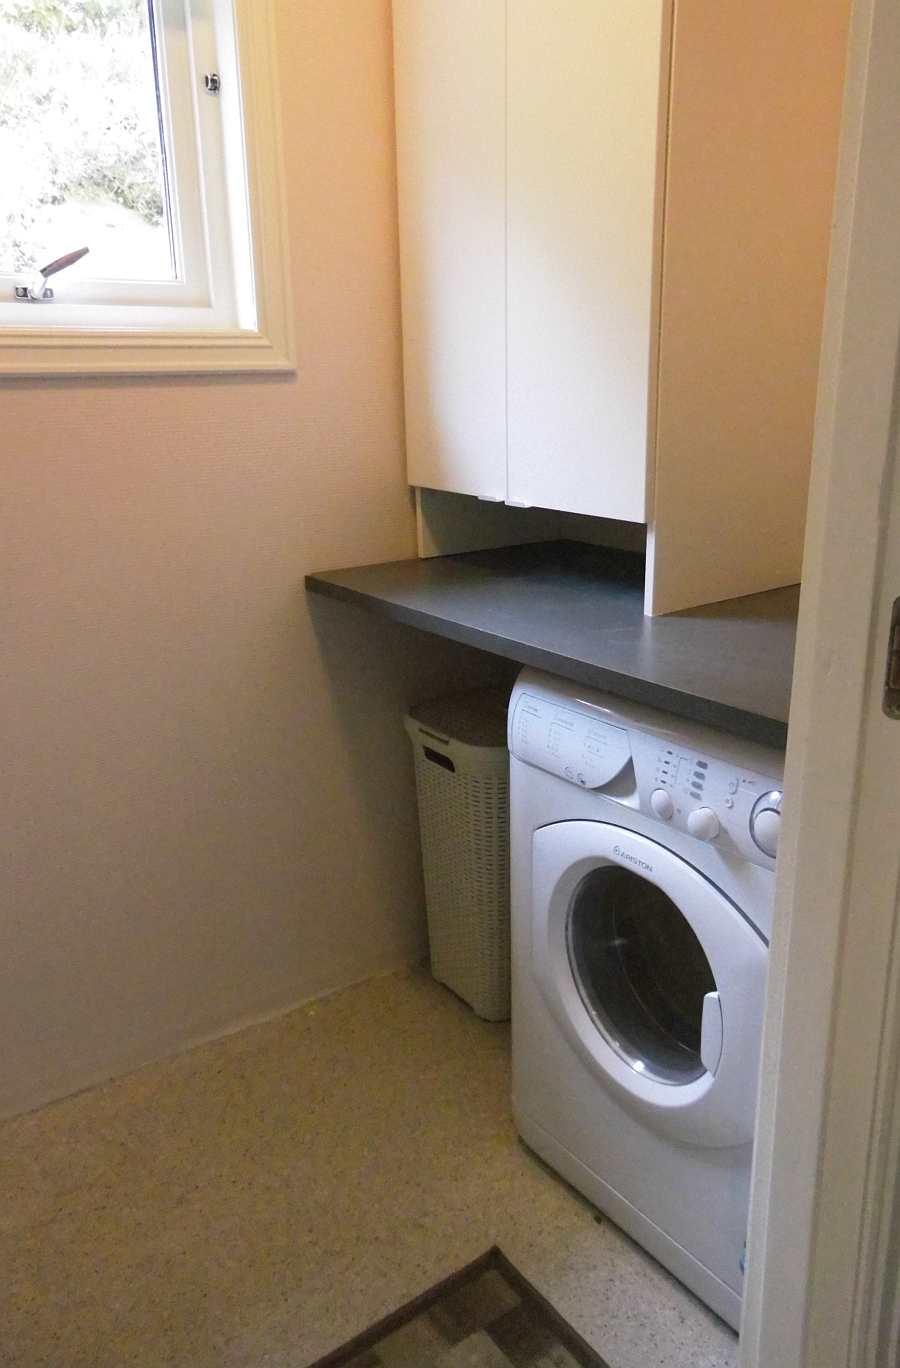 Separater Waschraum mit Waschmaschine/Trockner und Spüle vorhanden